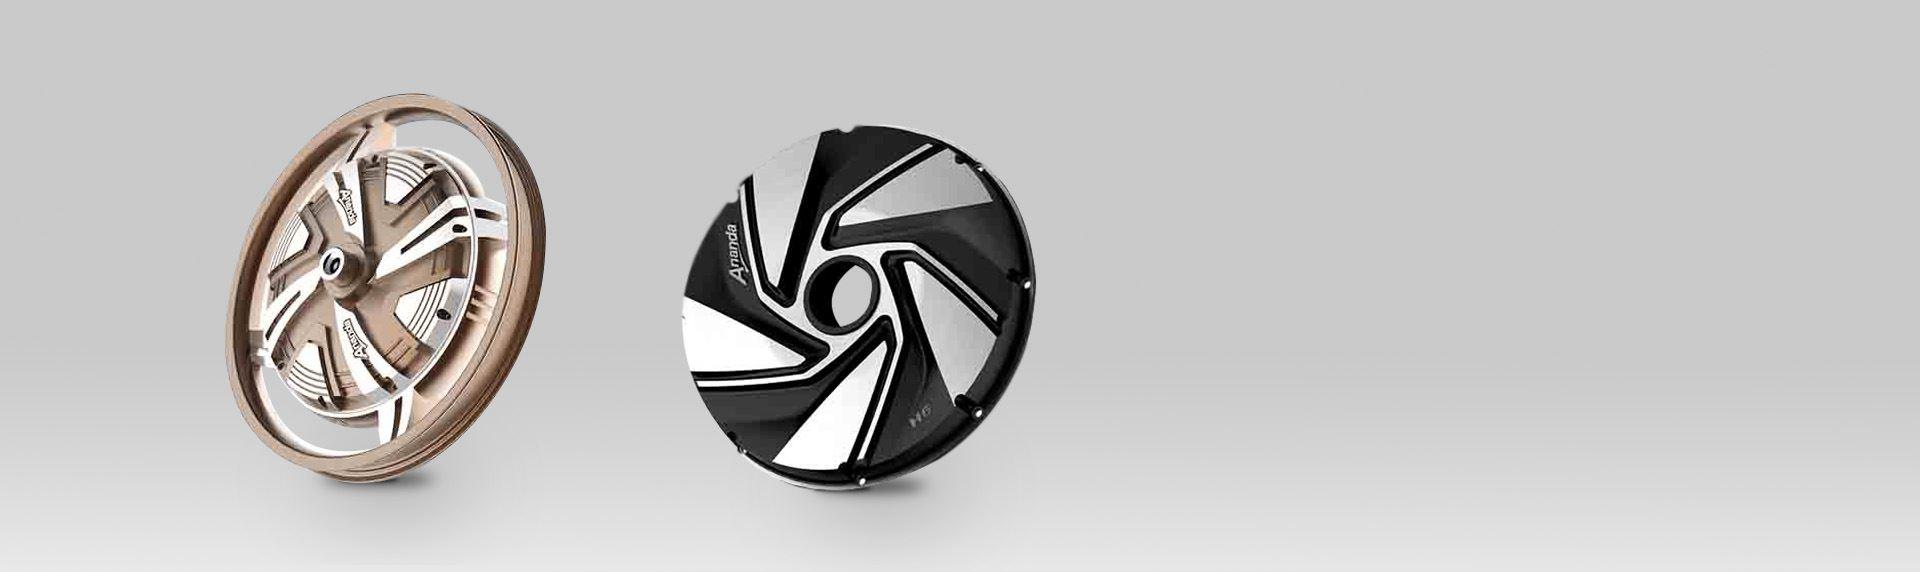 欧意设计-电动车电机轮毂